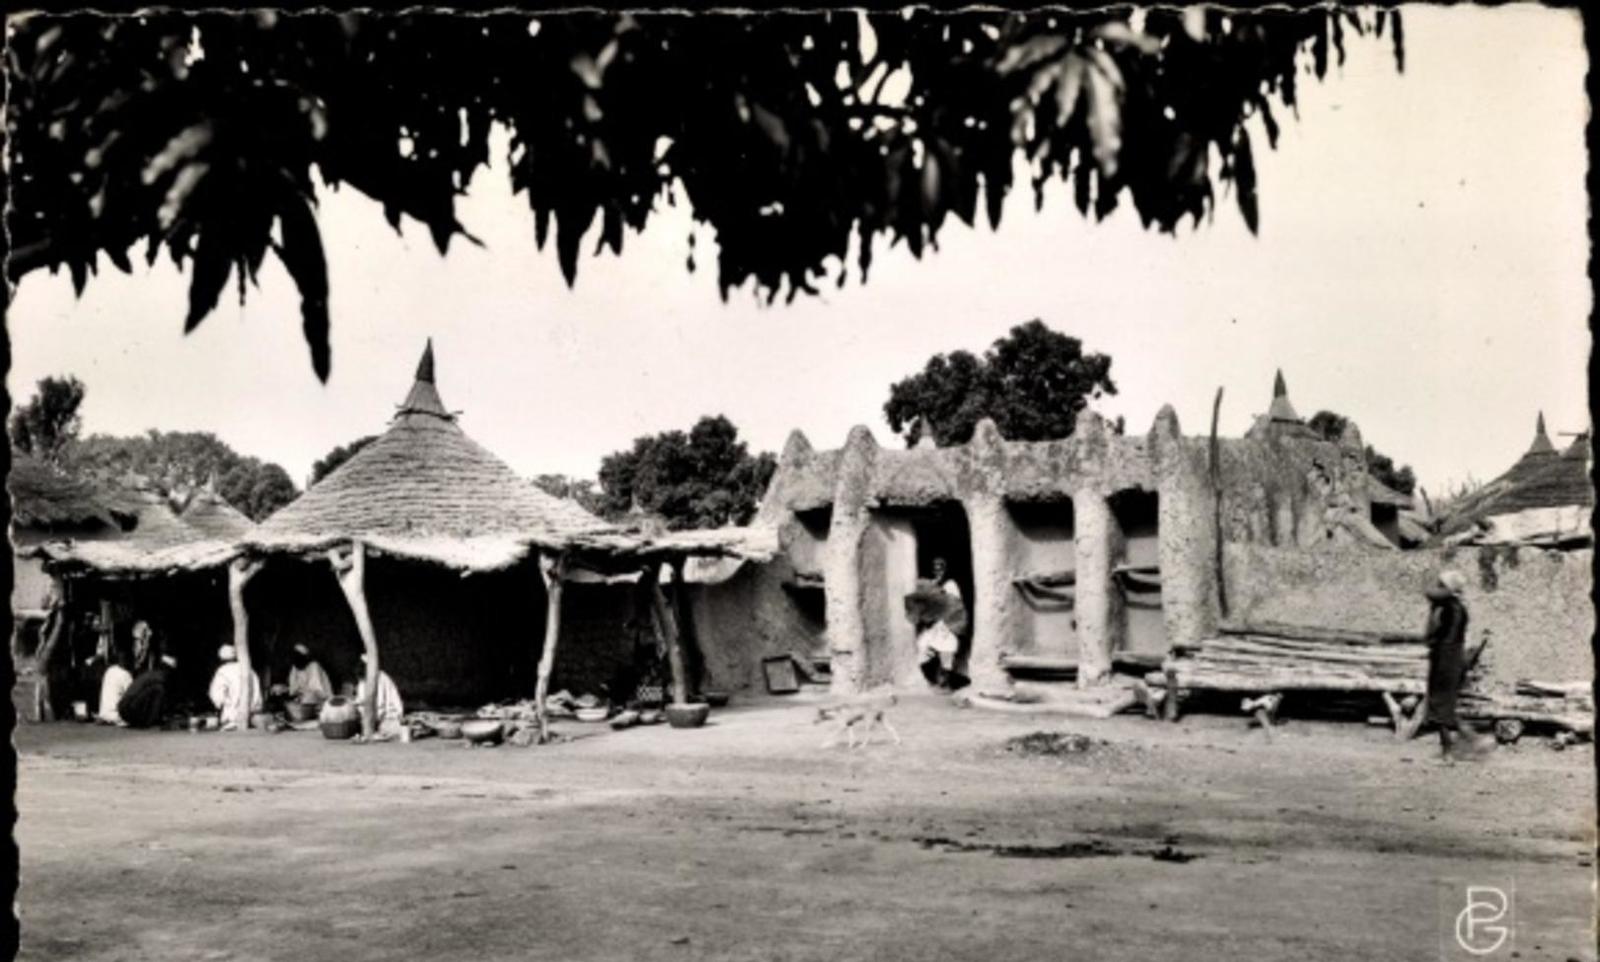 Bamako - Cp Bamako Mali, Cases a Sanankoro, Straßenpartie in der Ortschaft